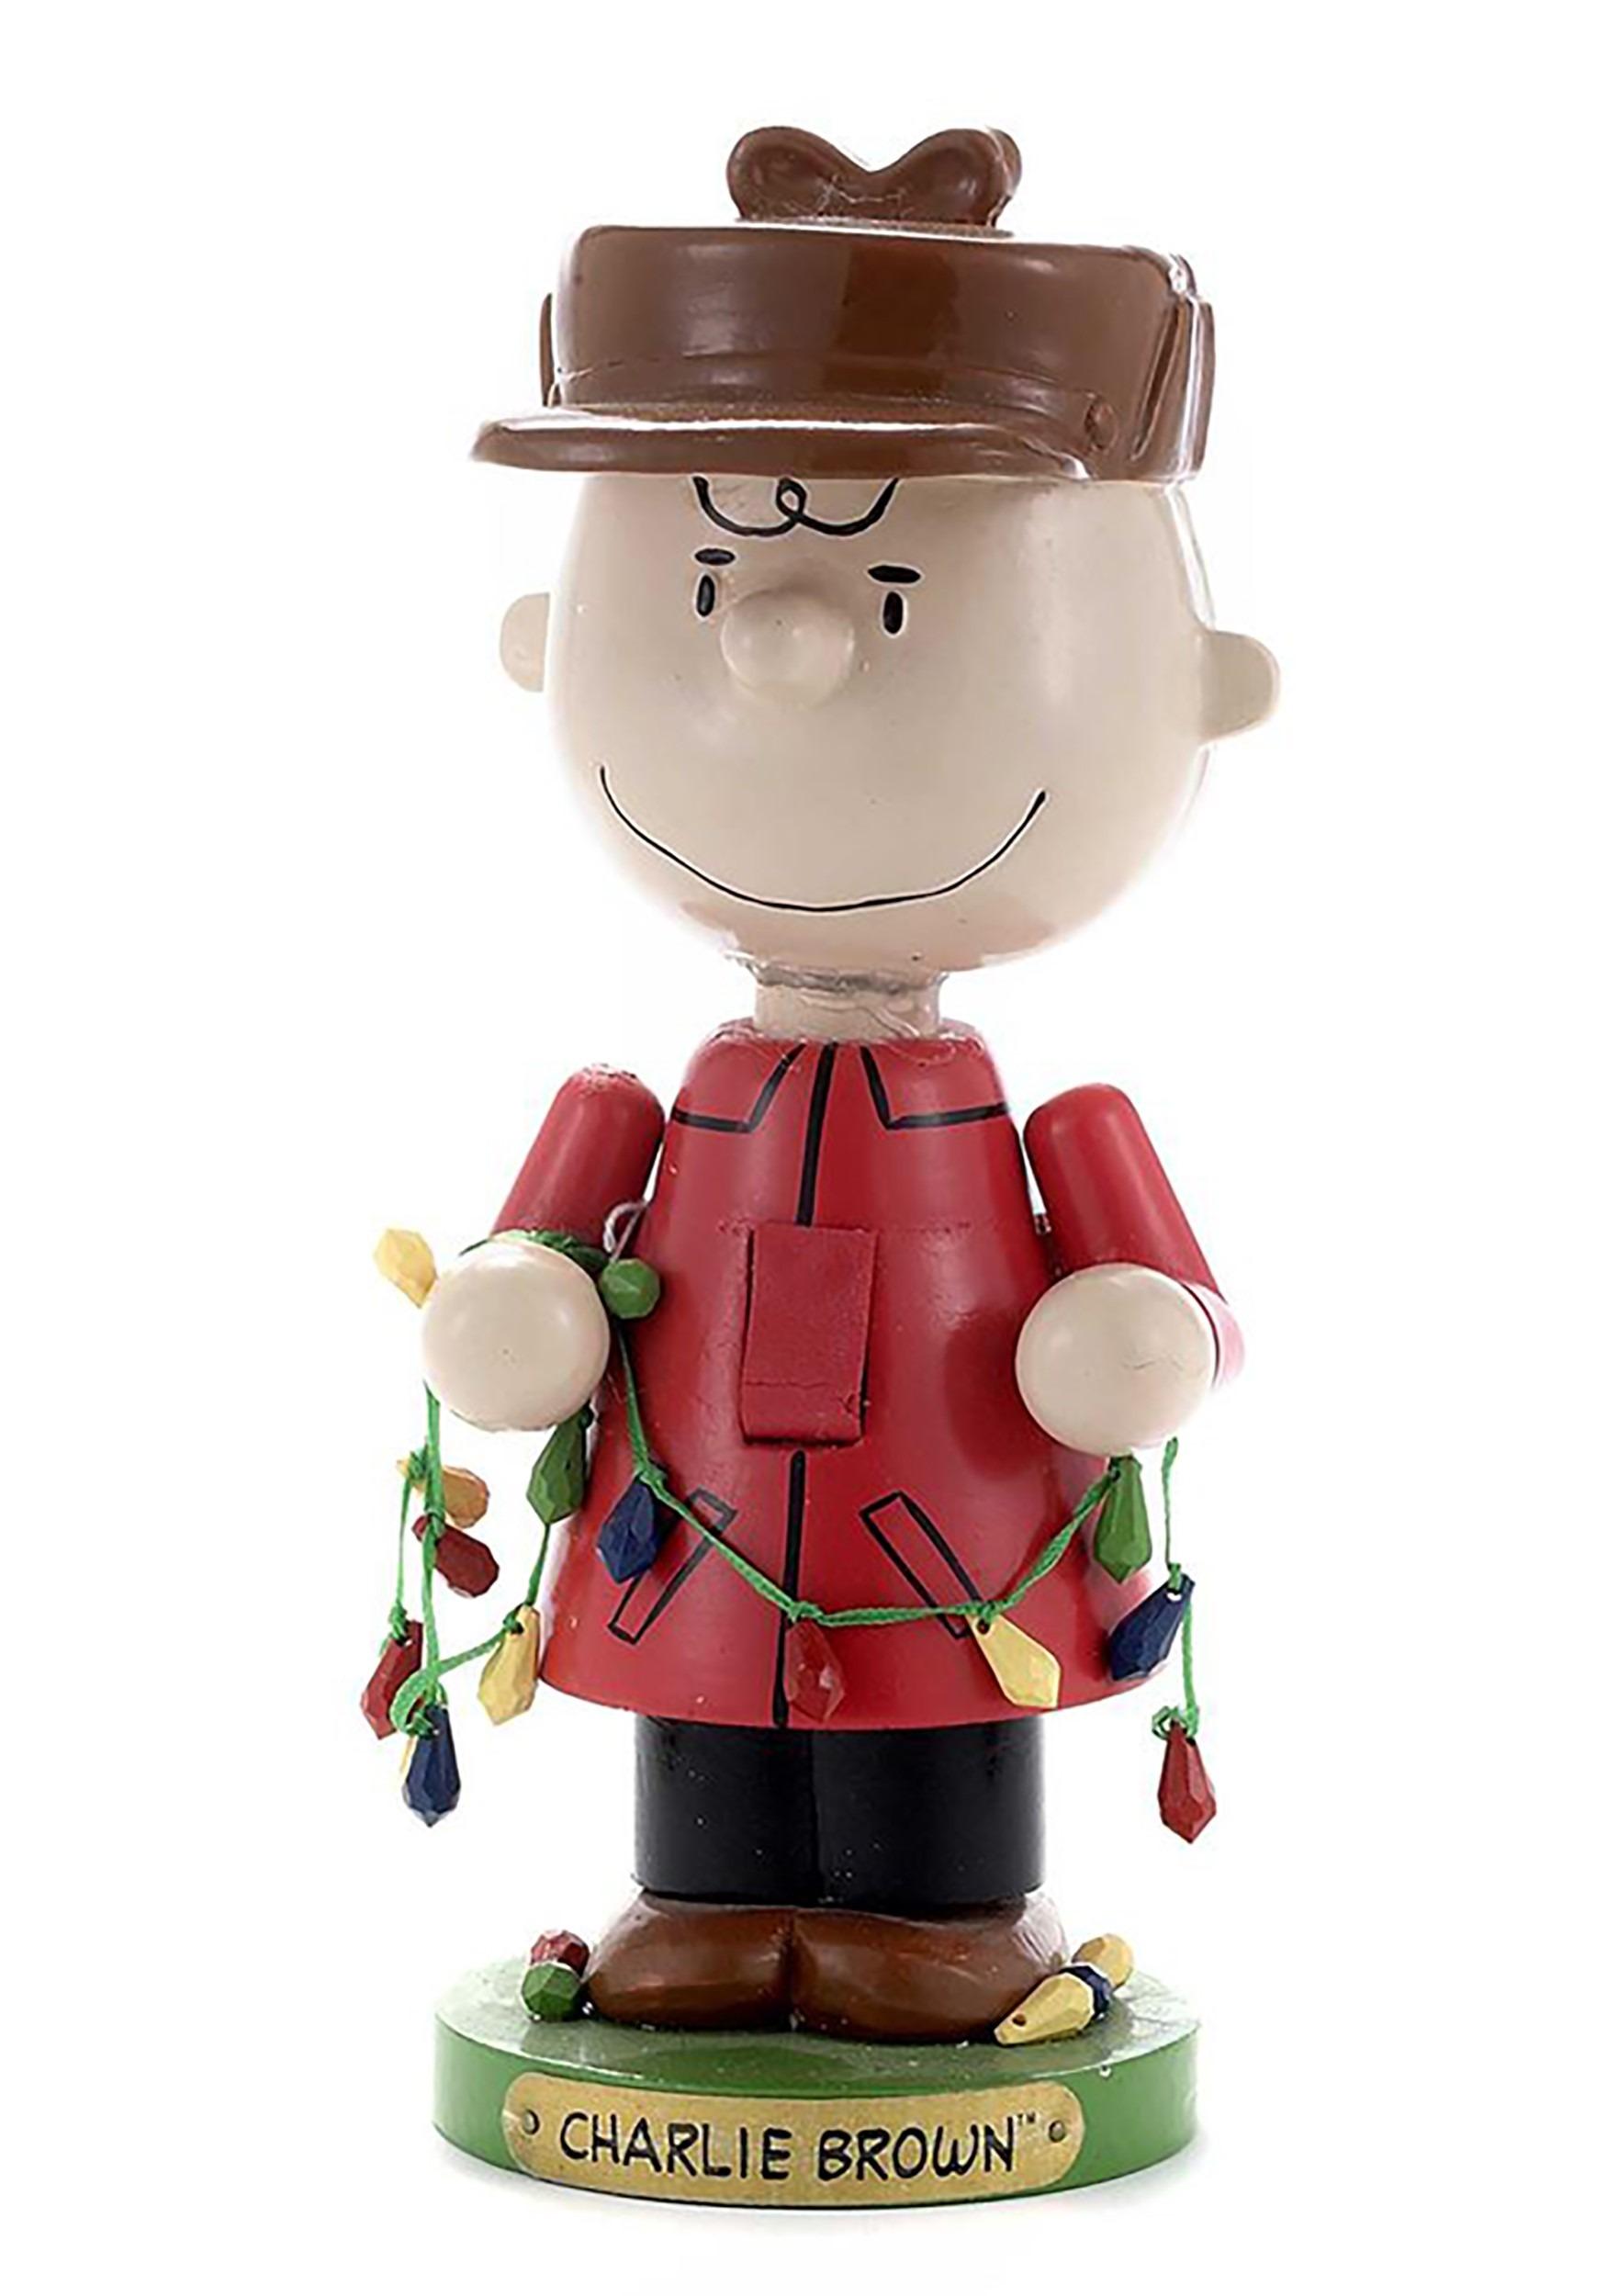 Charlie Brown Peanuts Nutcracker